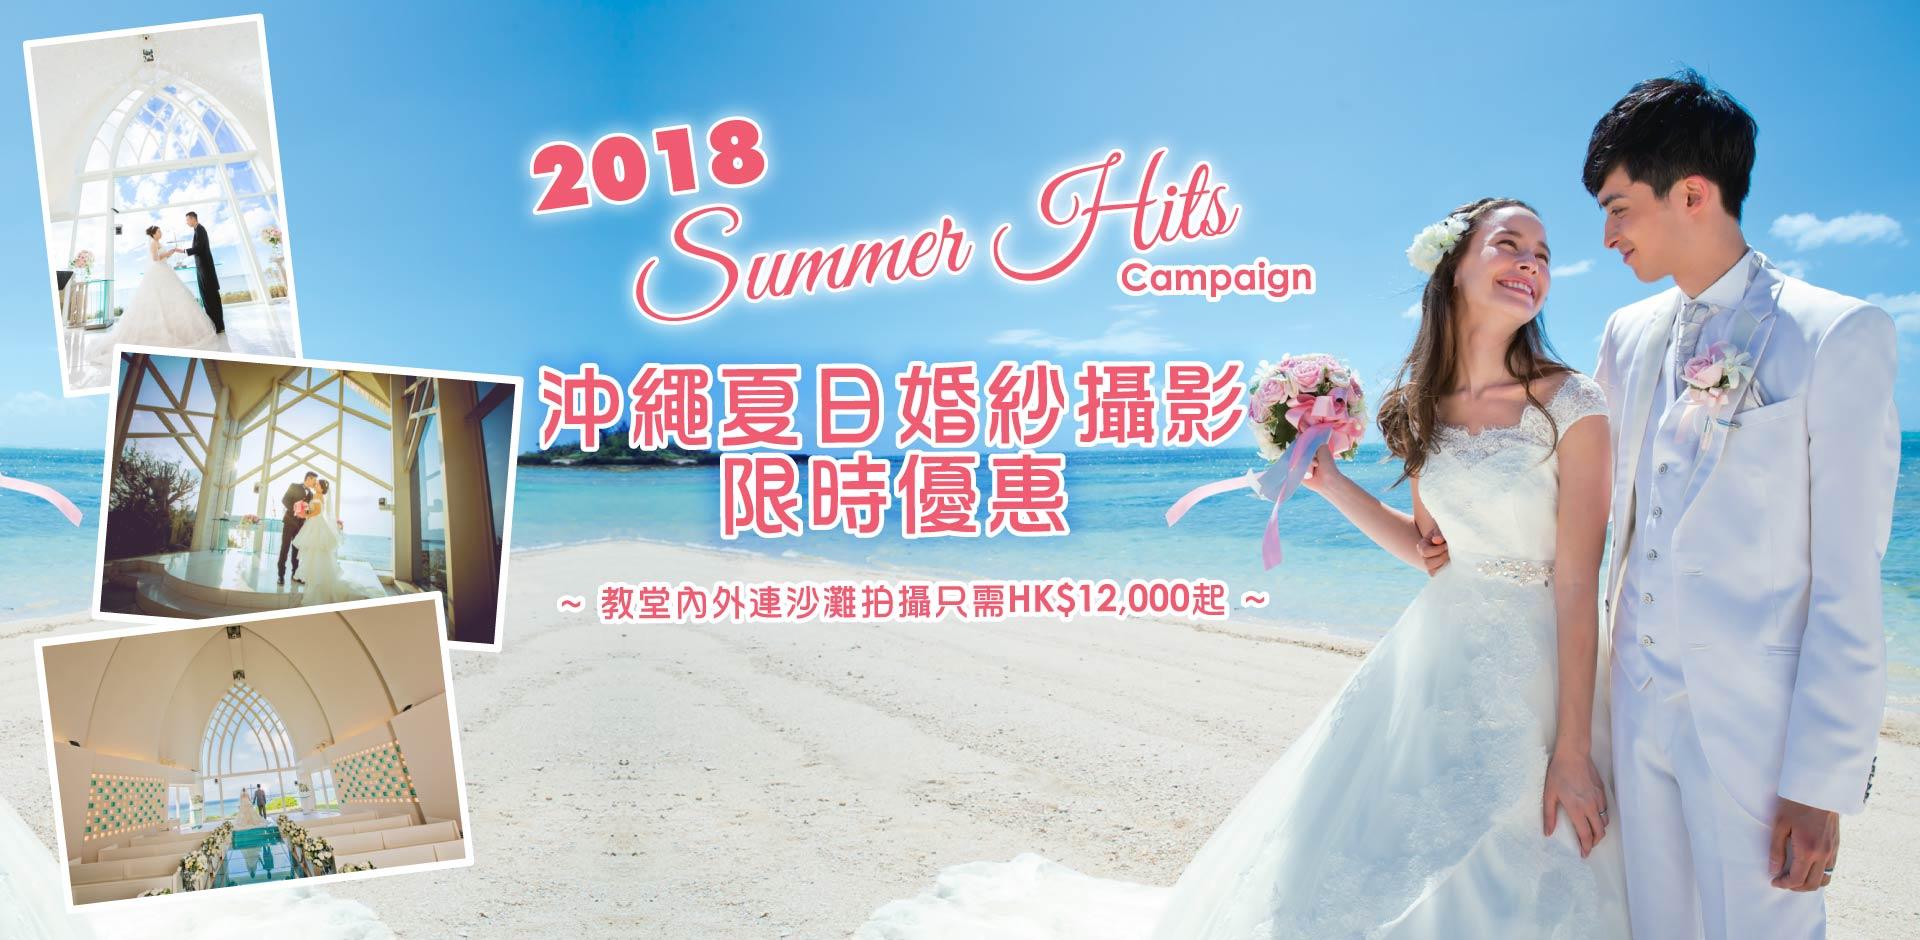 沖繩婚紗攝影,沖繩影婚紗相,沖繩pre-wedding,教堂婚紗相